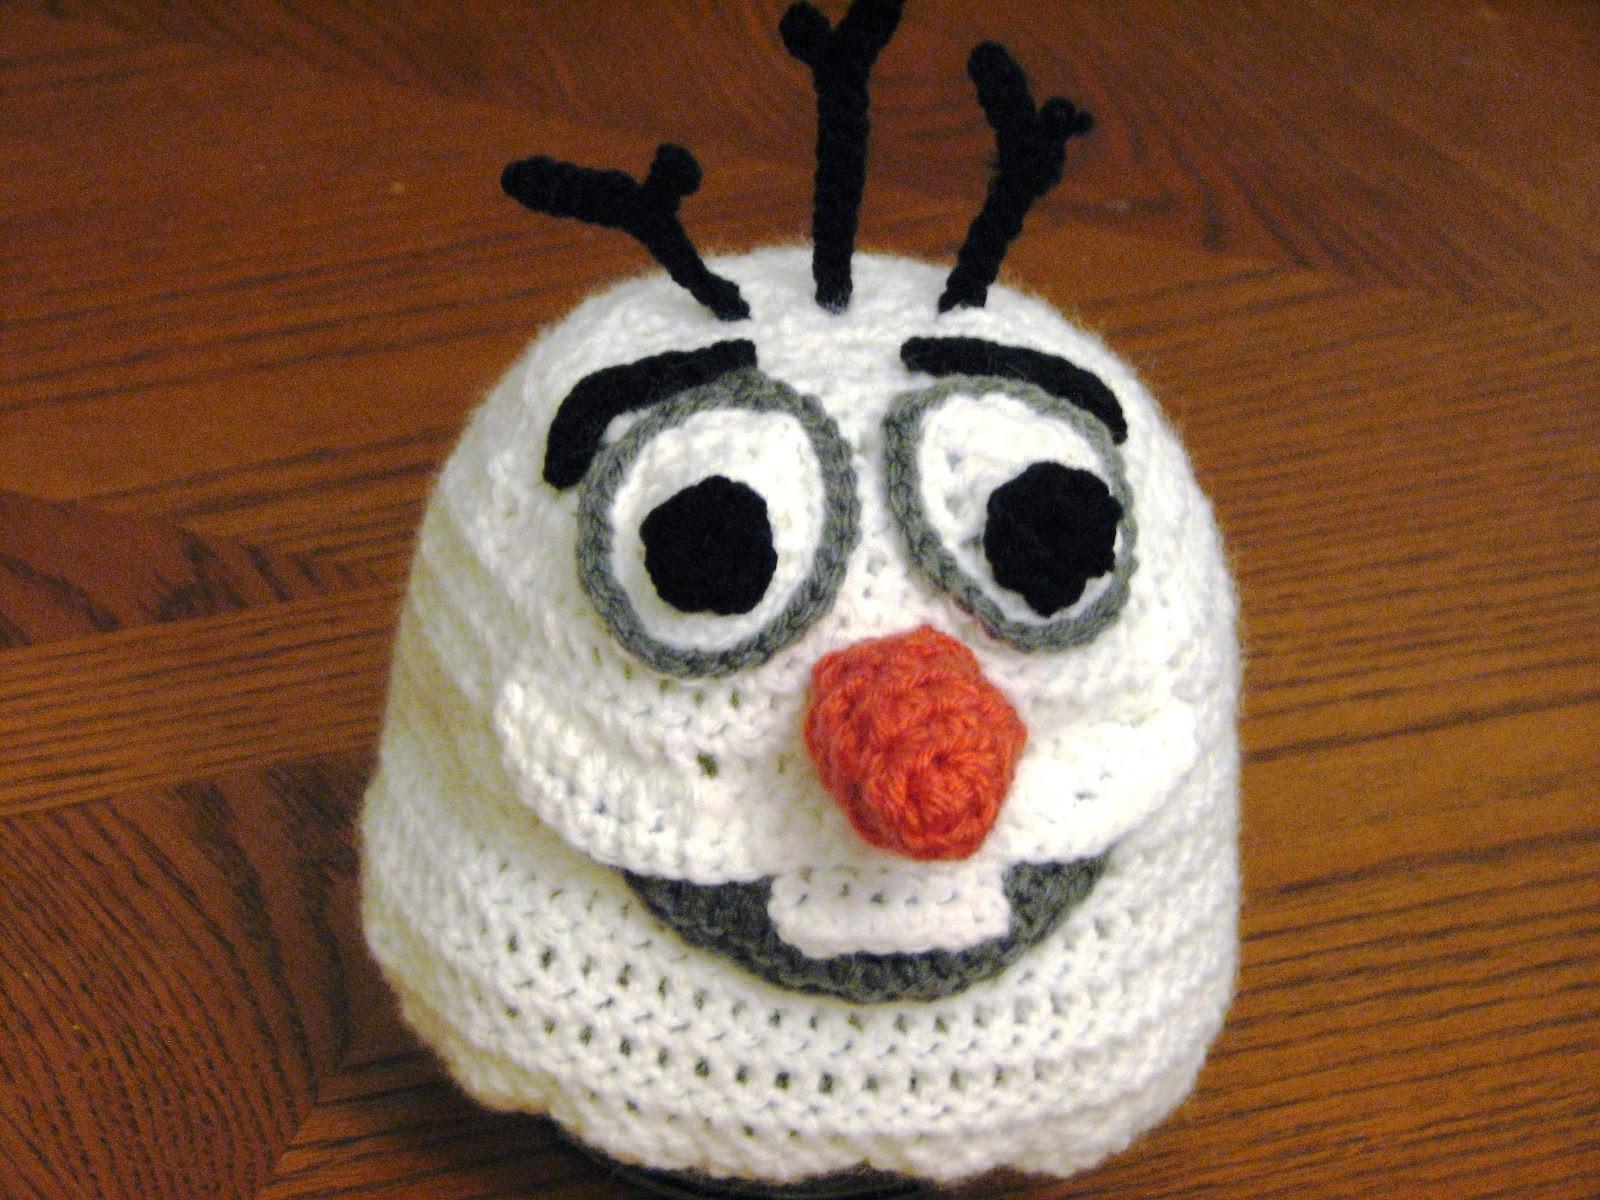 Amigurumi Patterns Olaf : Olaf crochet hat pattern free dancox for